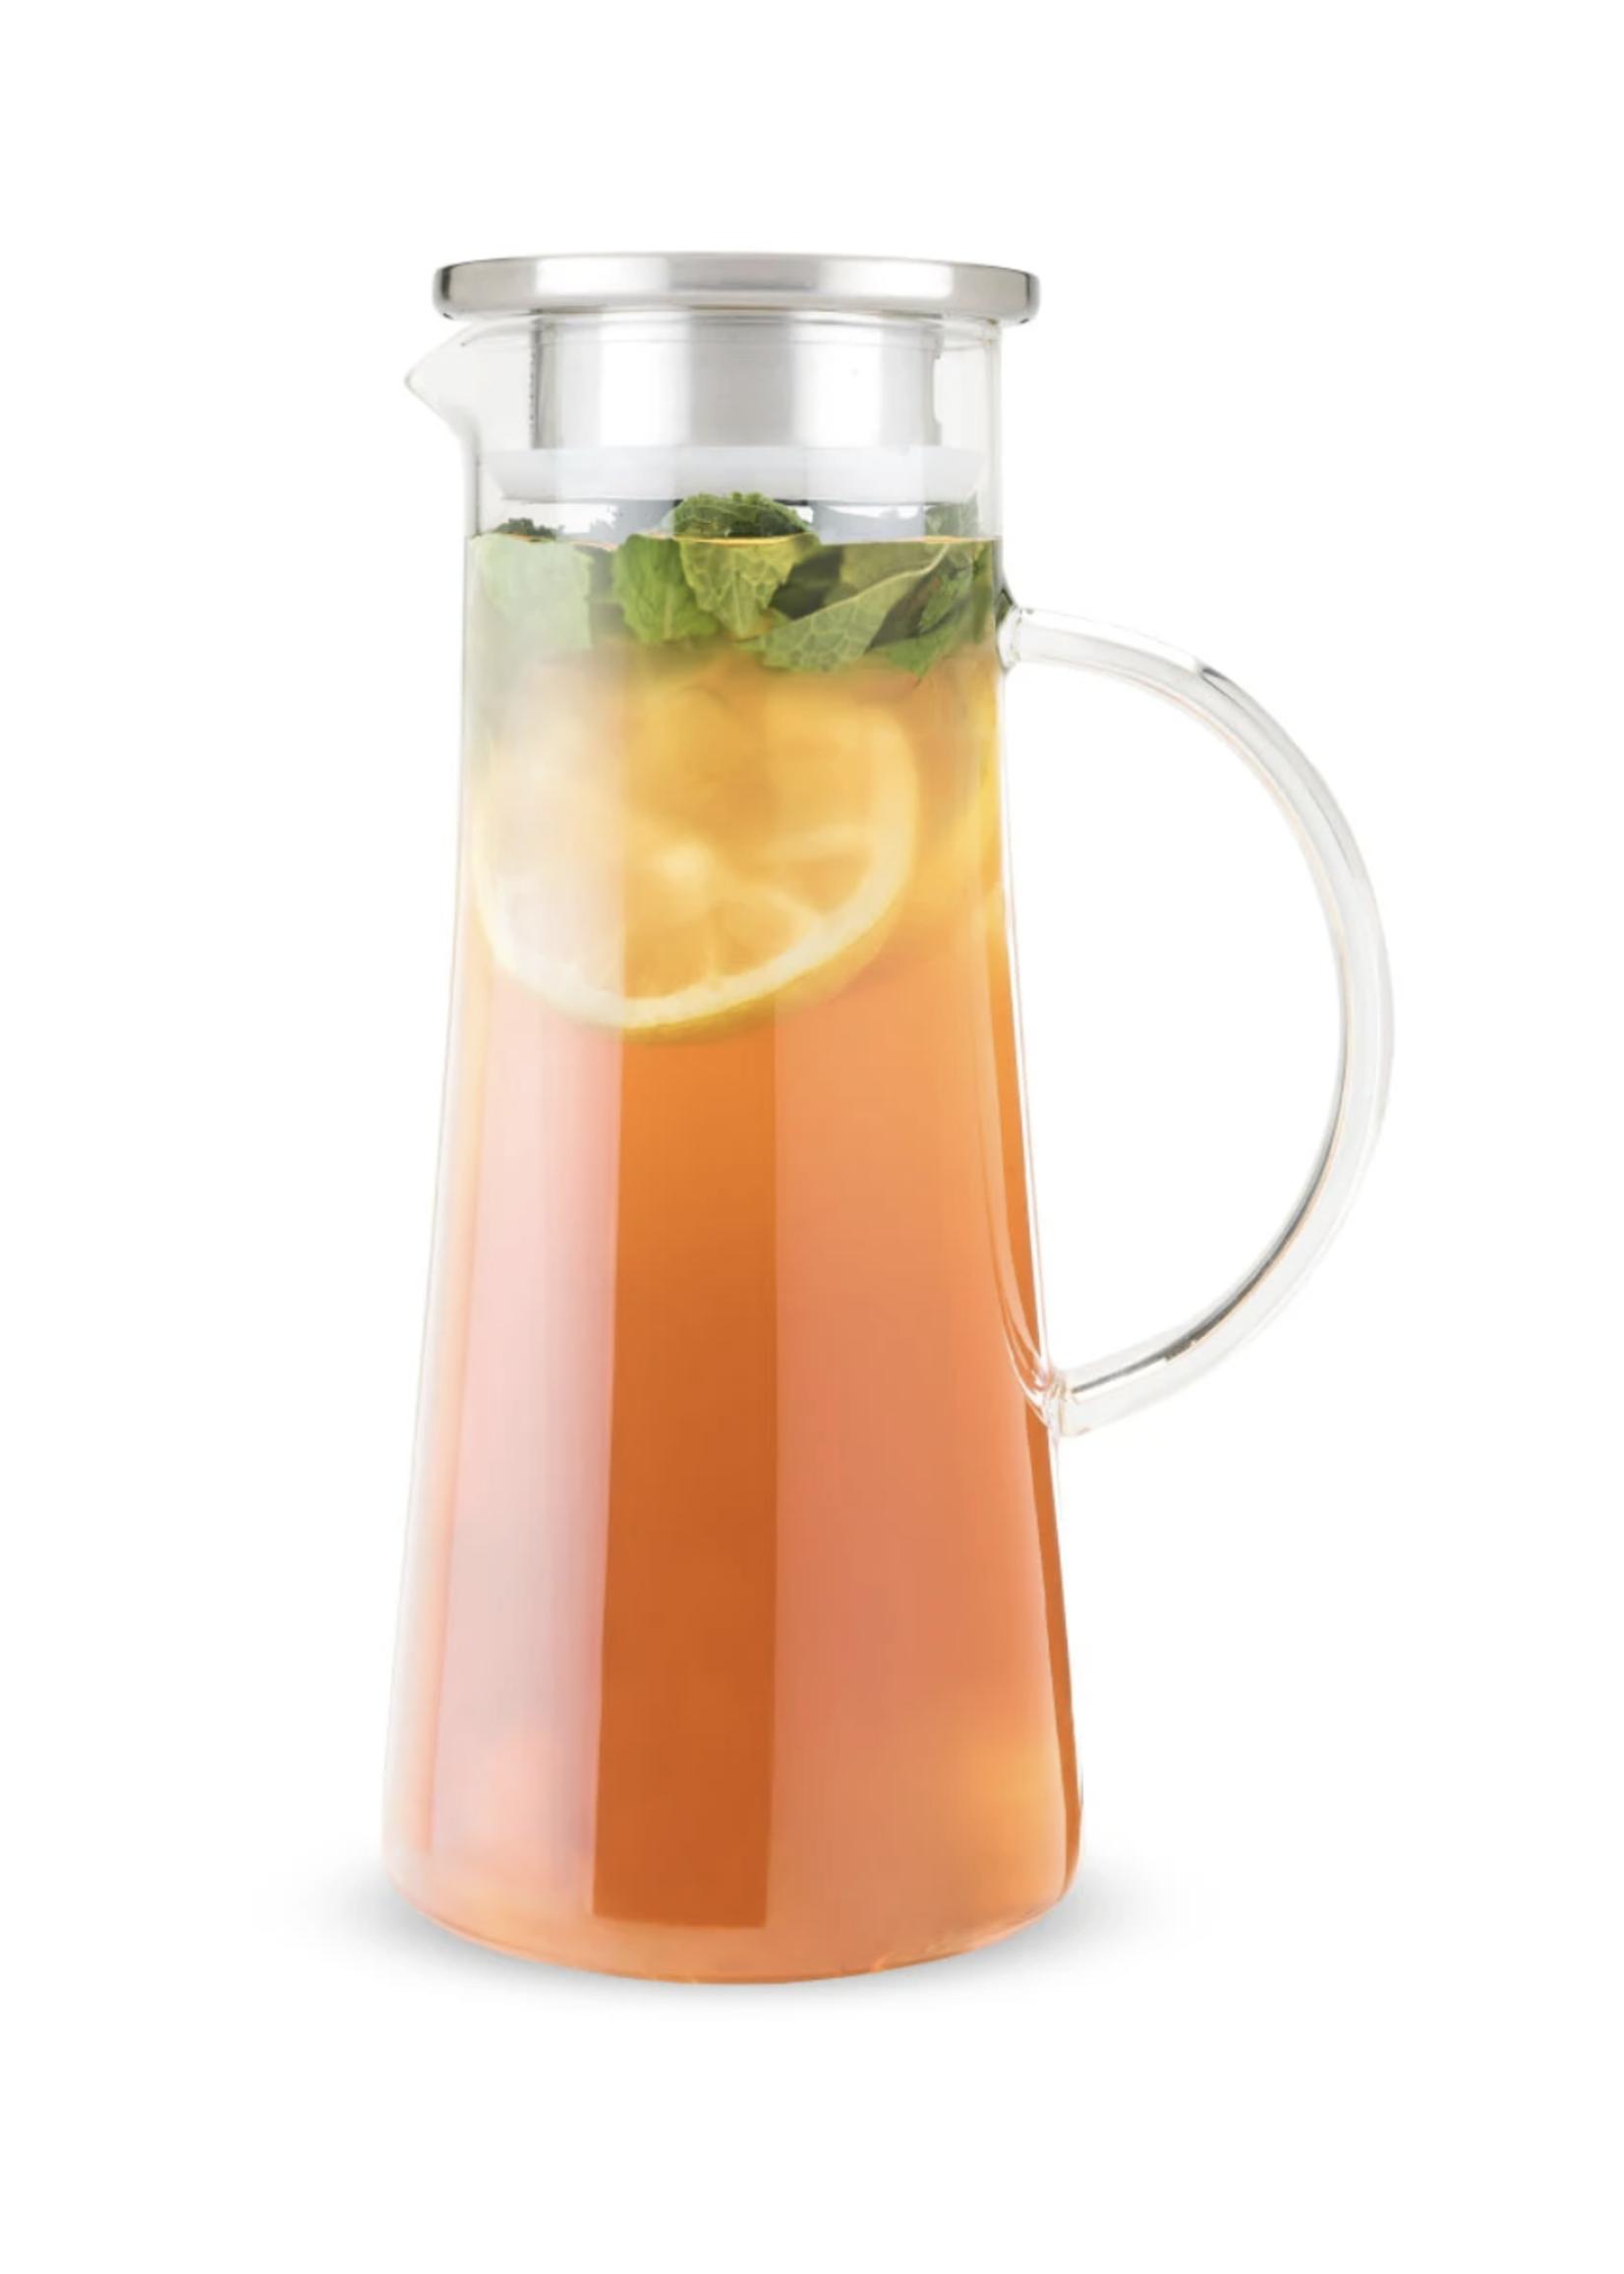 Charlie Glass Iced Tea Carafe | Clear